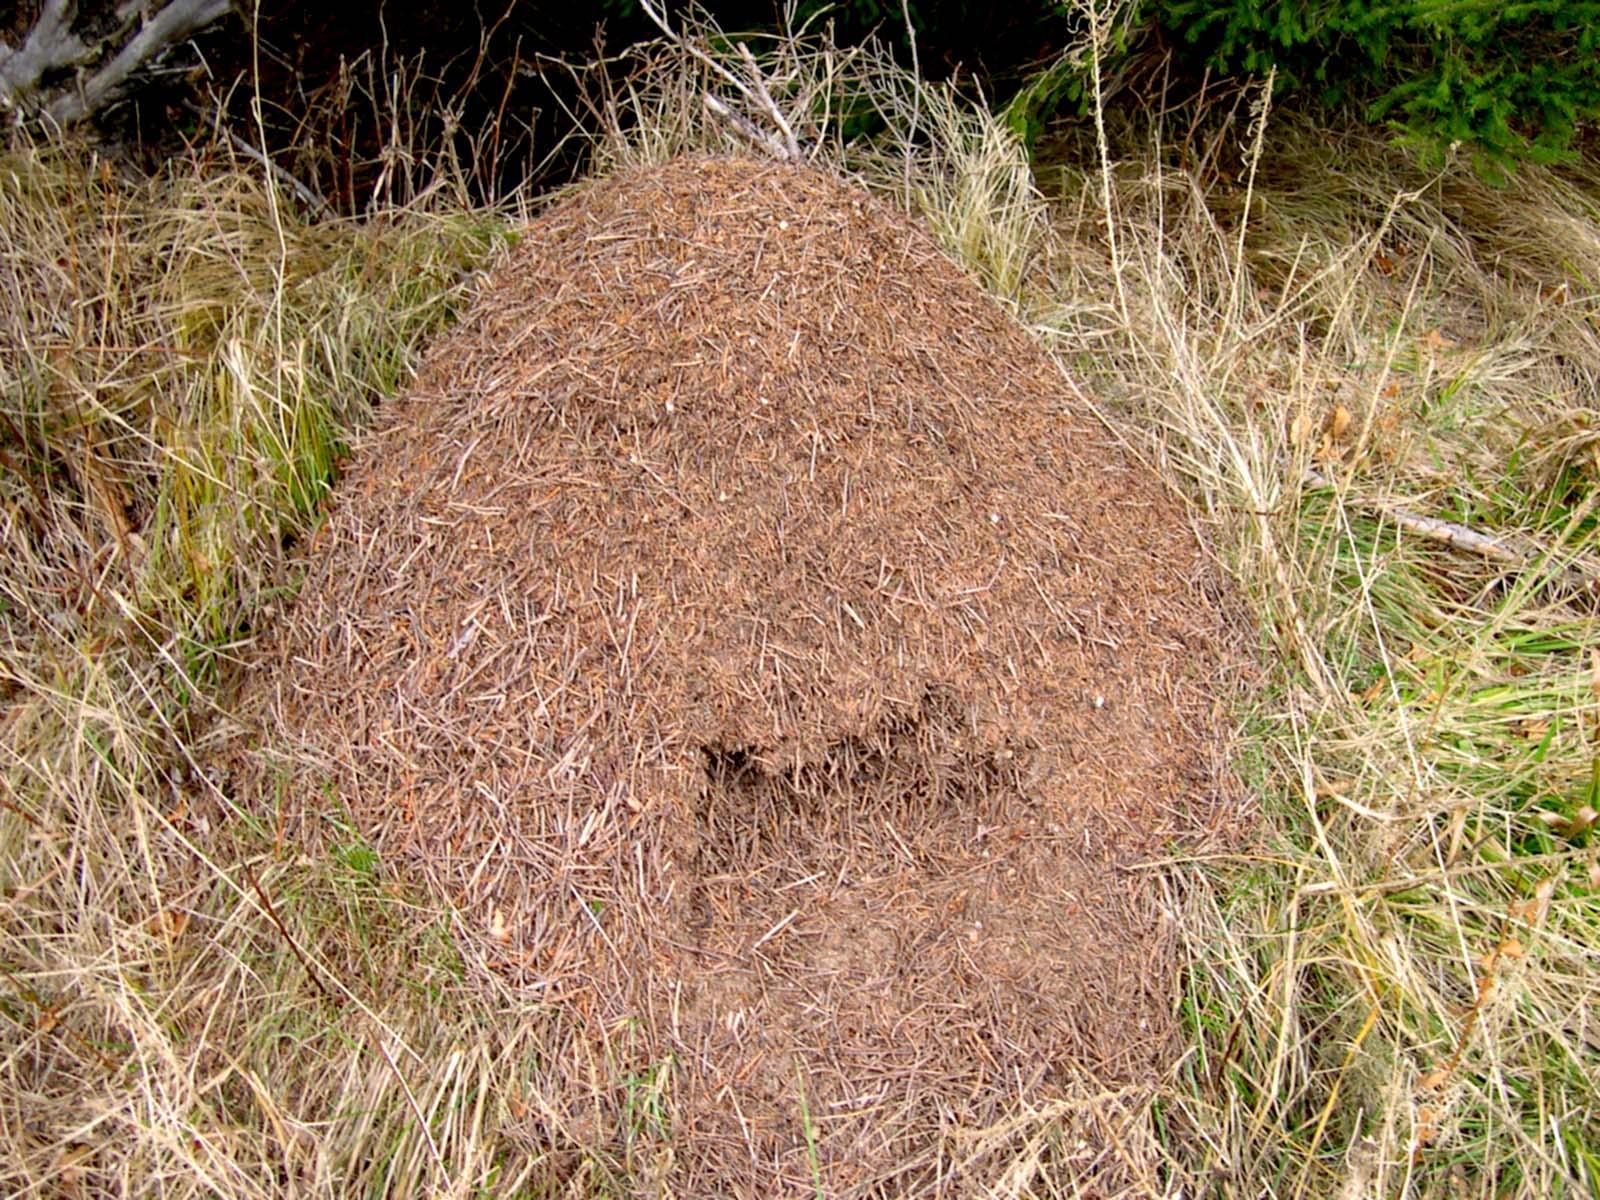 К чему снятся муравьи в большом количестве: в квартире, в доме, на теле, в муравейнике